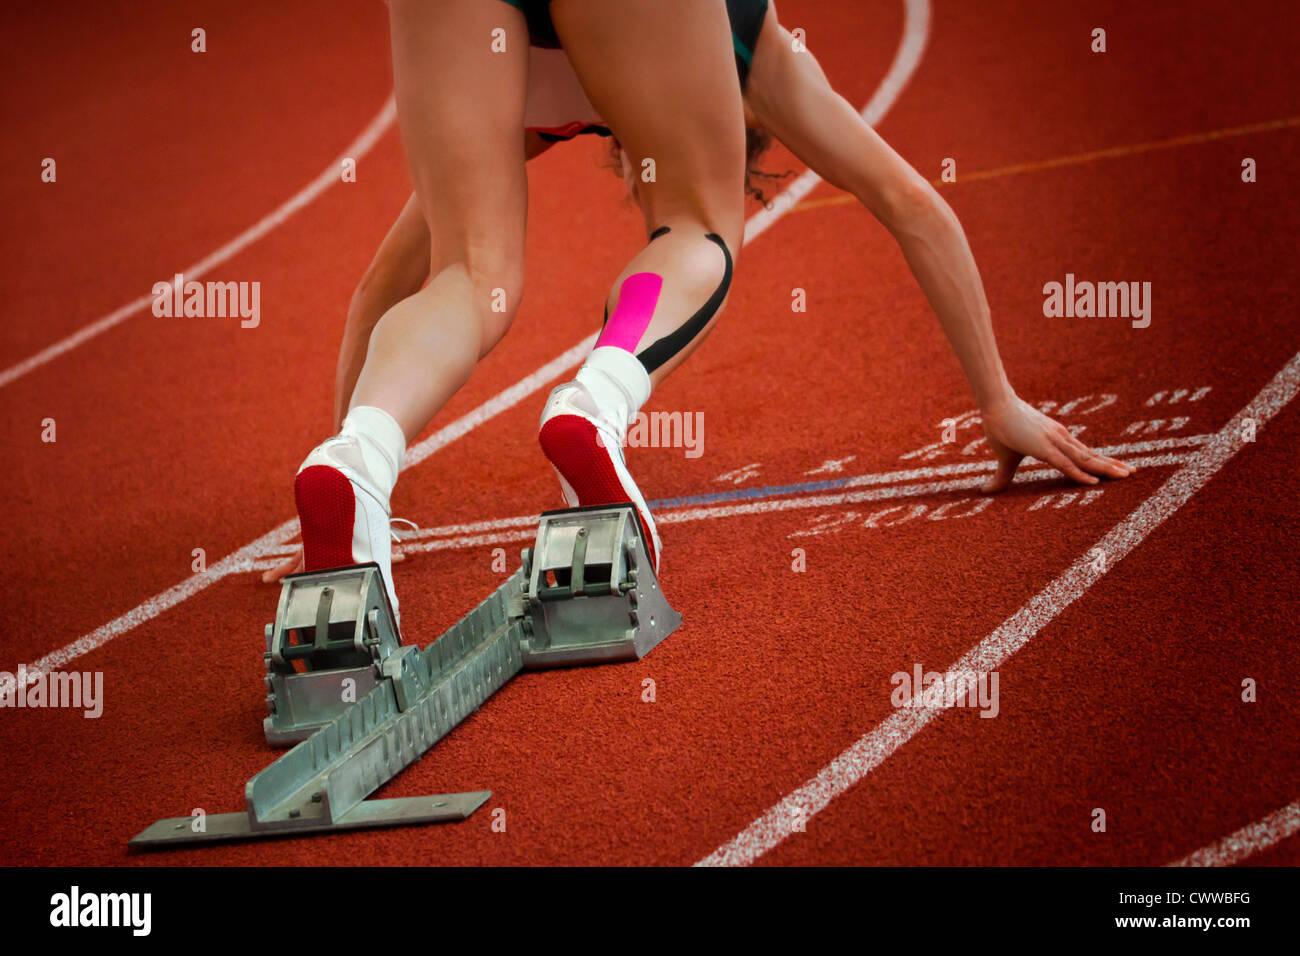 Distancia corta hembra runner en gravedad curva de pendiente está en posición de arranque Imagen De Stock